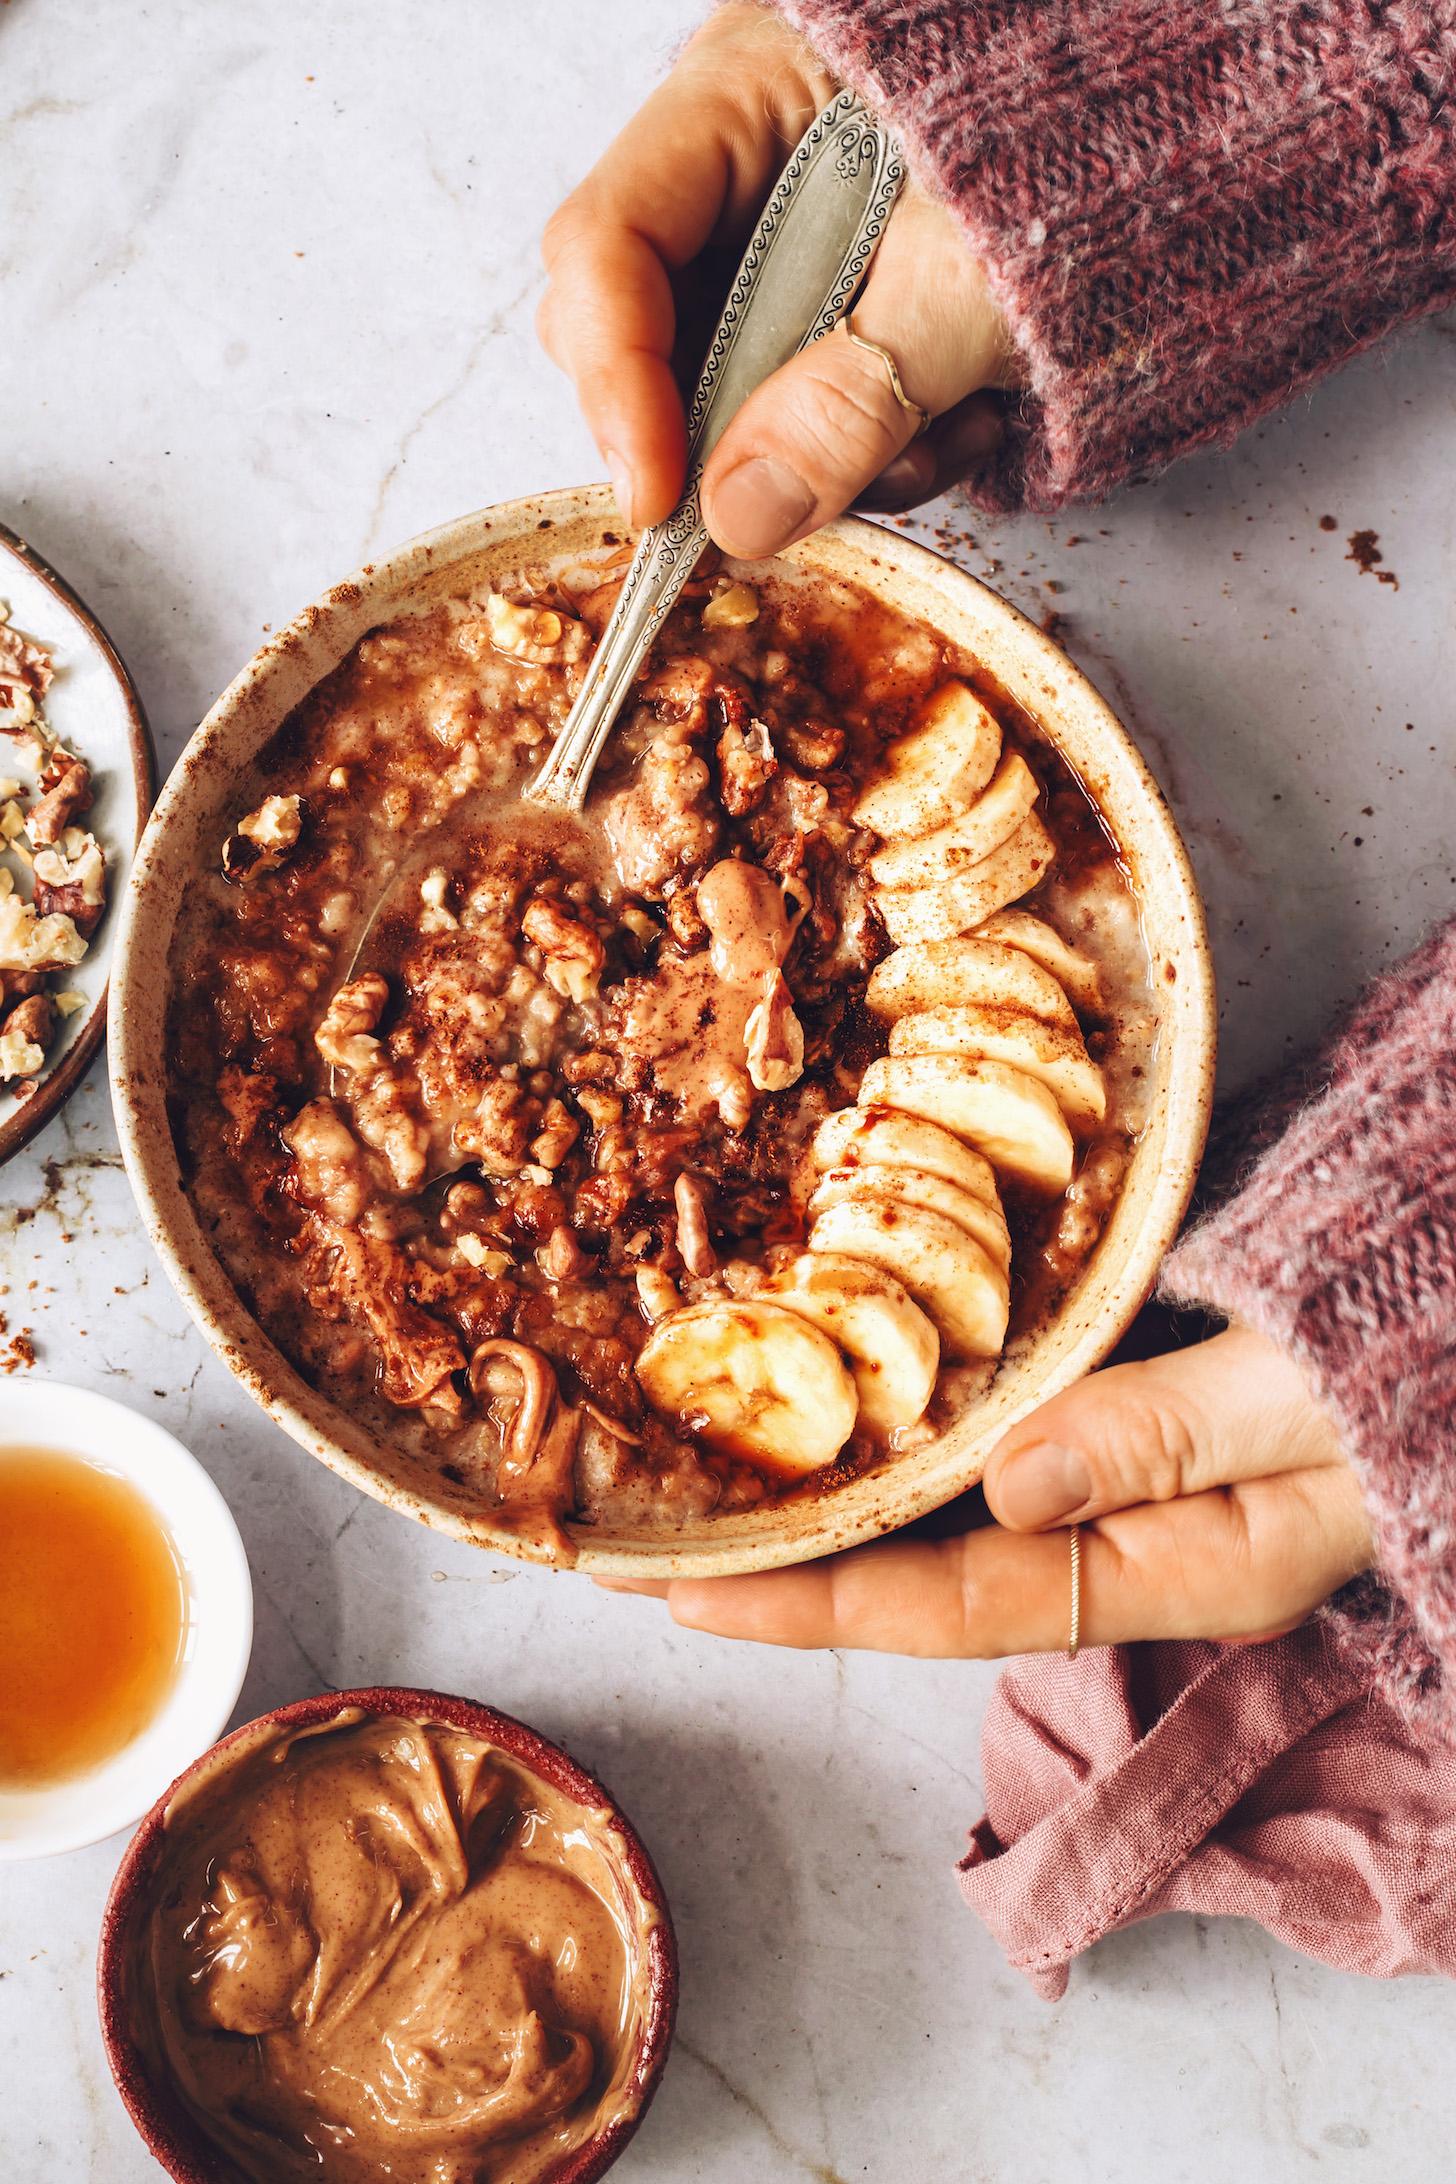 Ореховое масло, грецкие орехи и кленовый сироп рядом с миской бананового хлеба с овсяными хлопьями